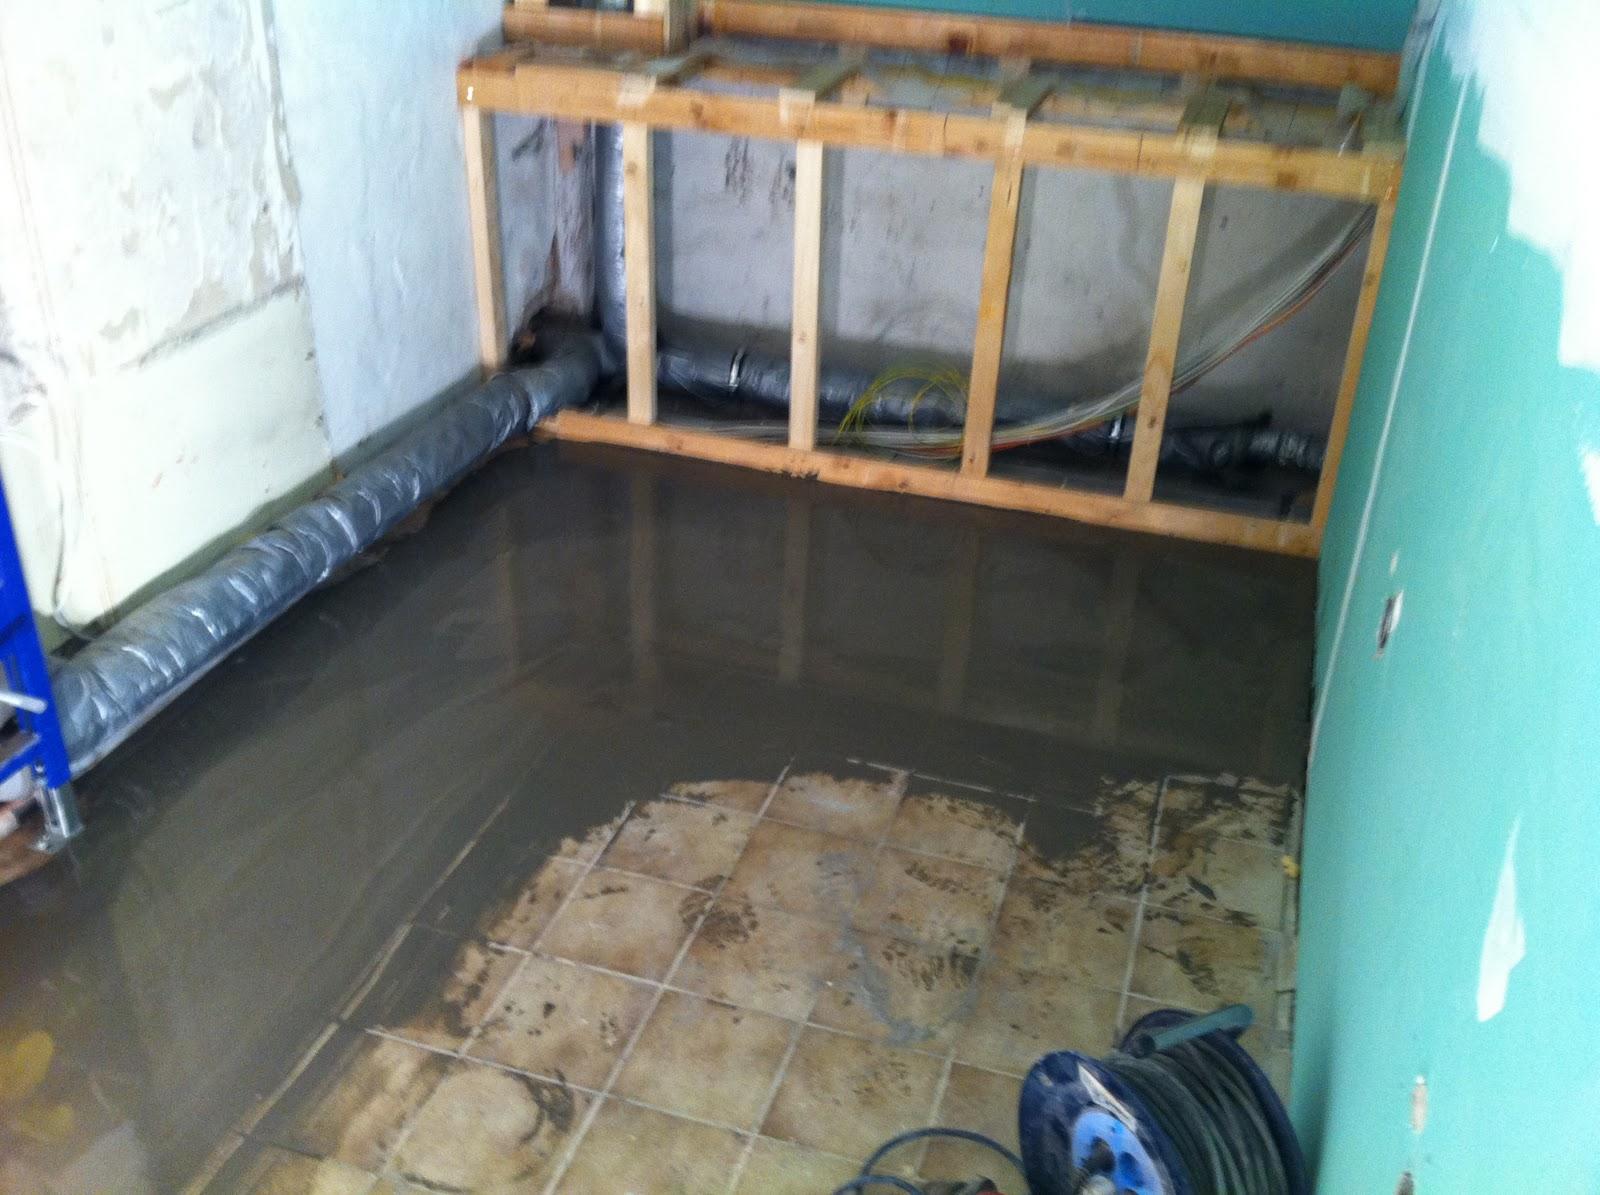 abenteuer renovierung erste rigipsarbeiten im bad. Black Bedroom Furniture Sets. Home Design Ideas